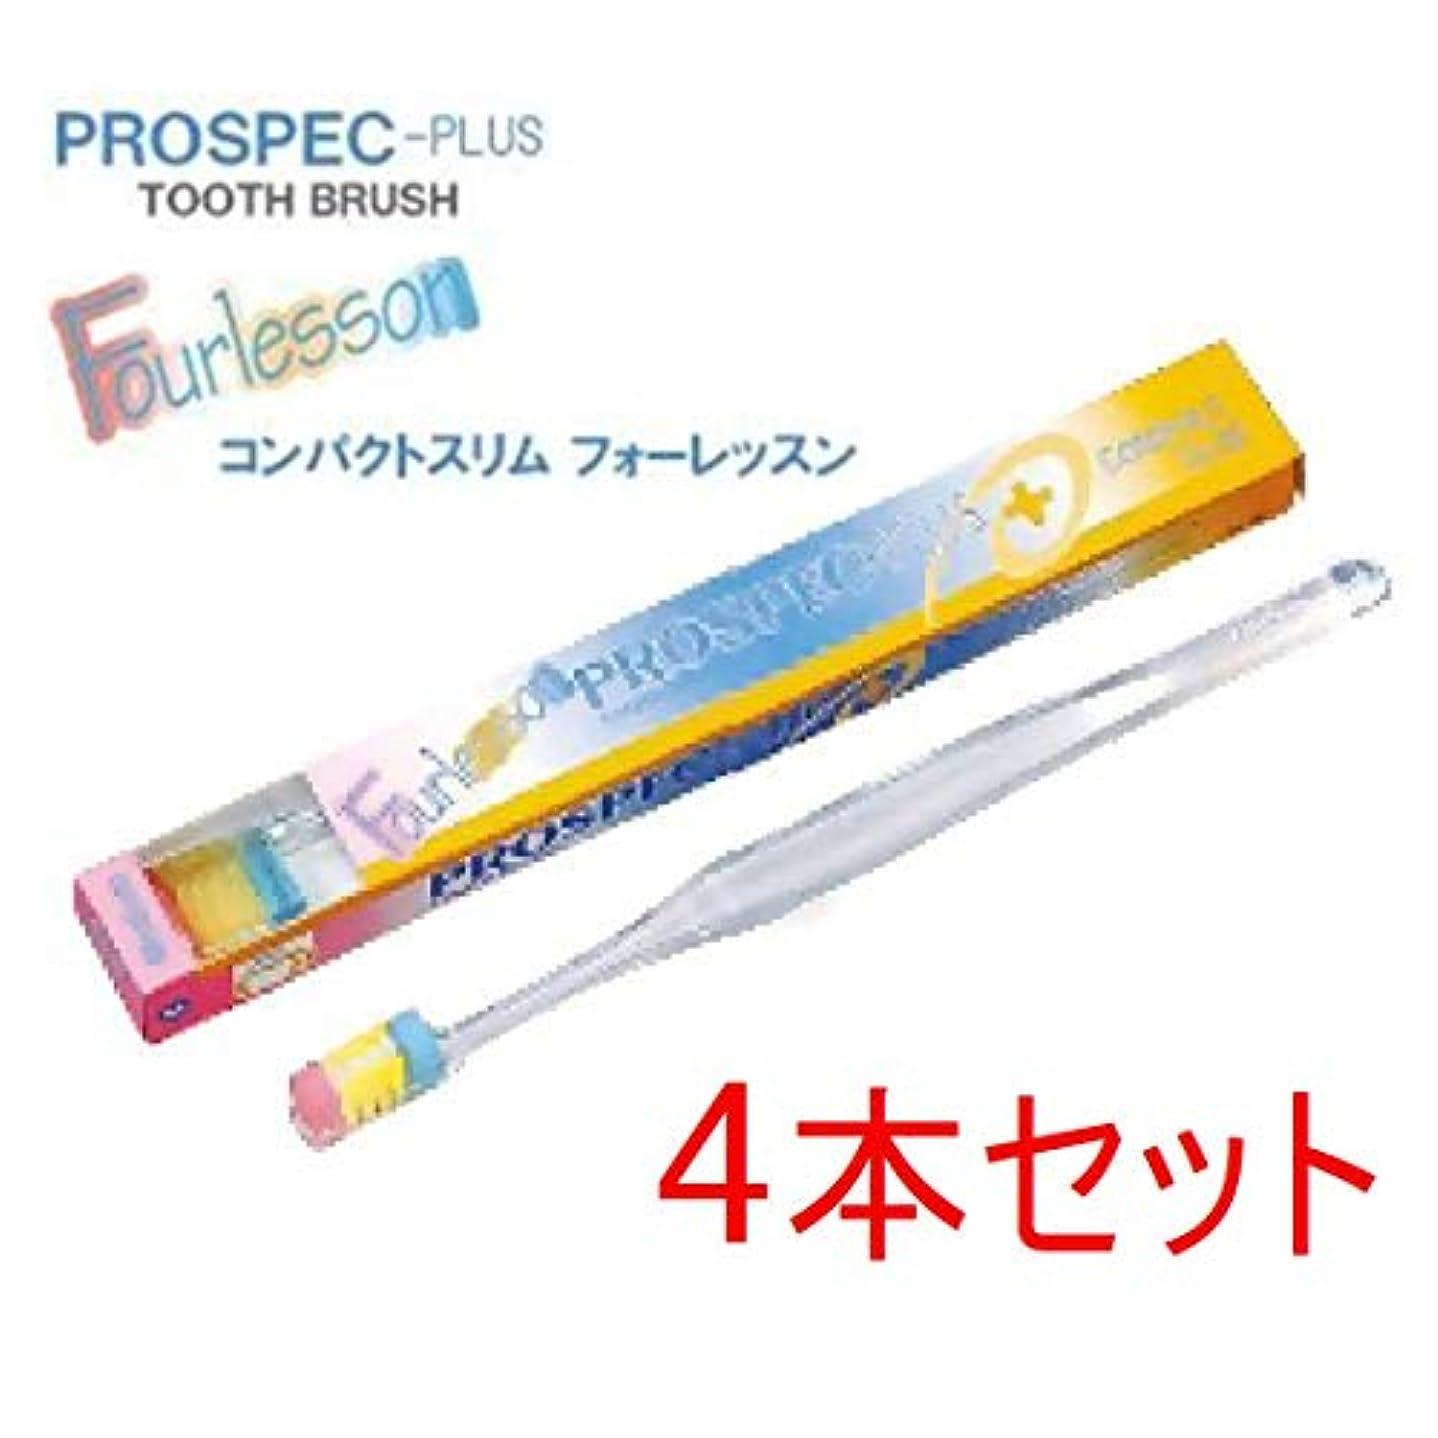 連邦自動化レモンプロスペック 歯ブラシ コンパクトスリム 4本 フォーレッスン 毛の硬さ ふつう